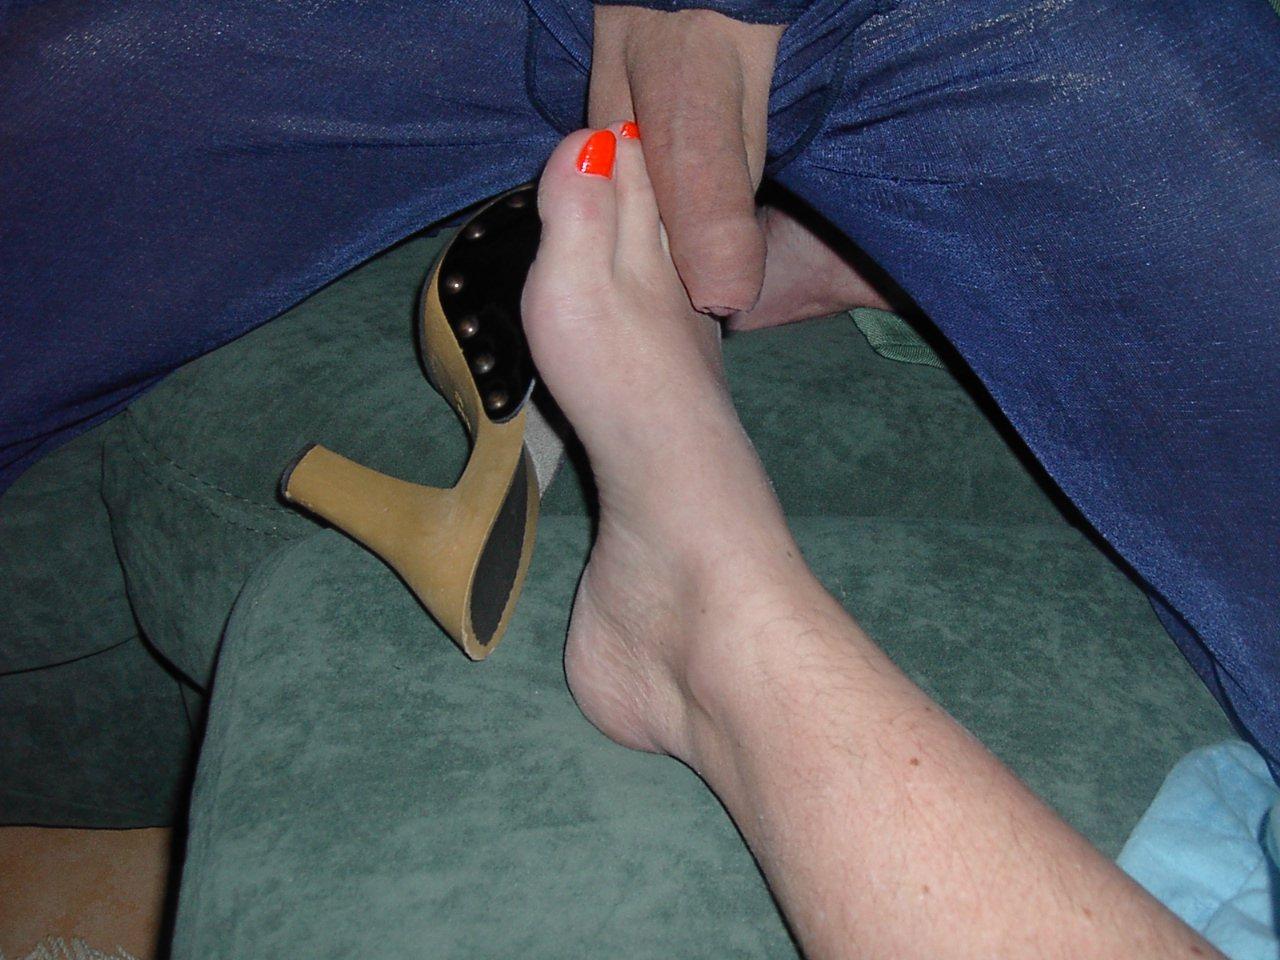 FOOT/